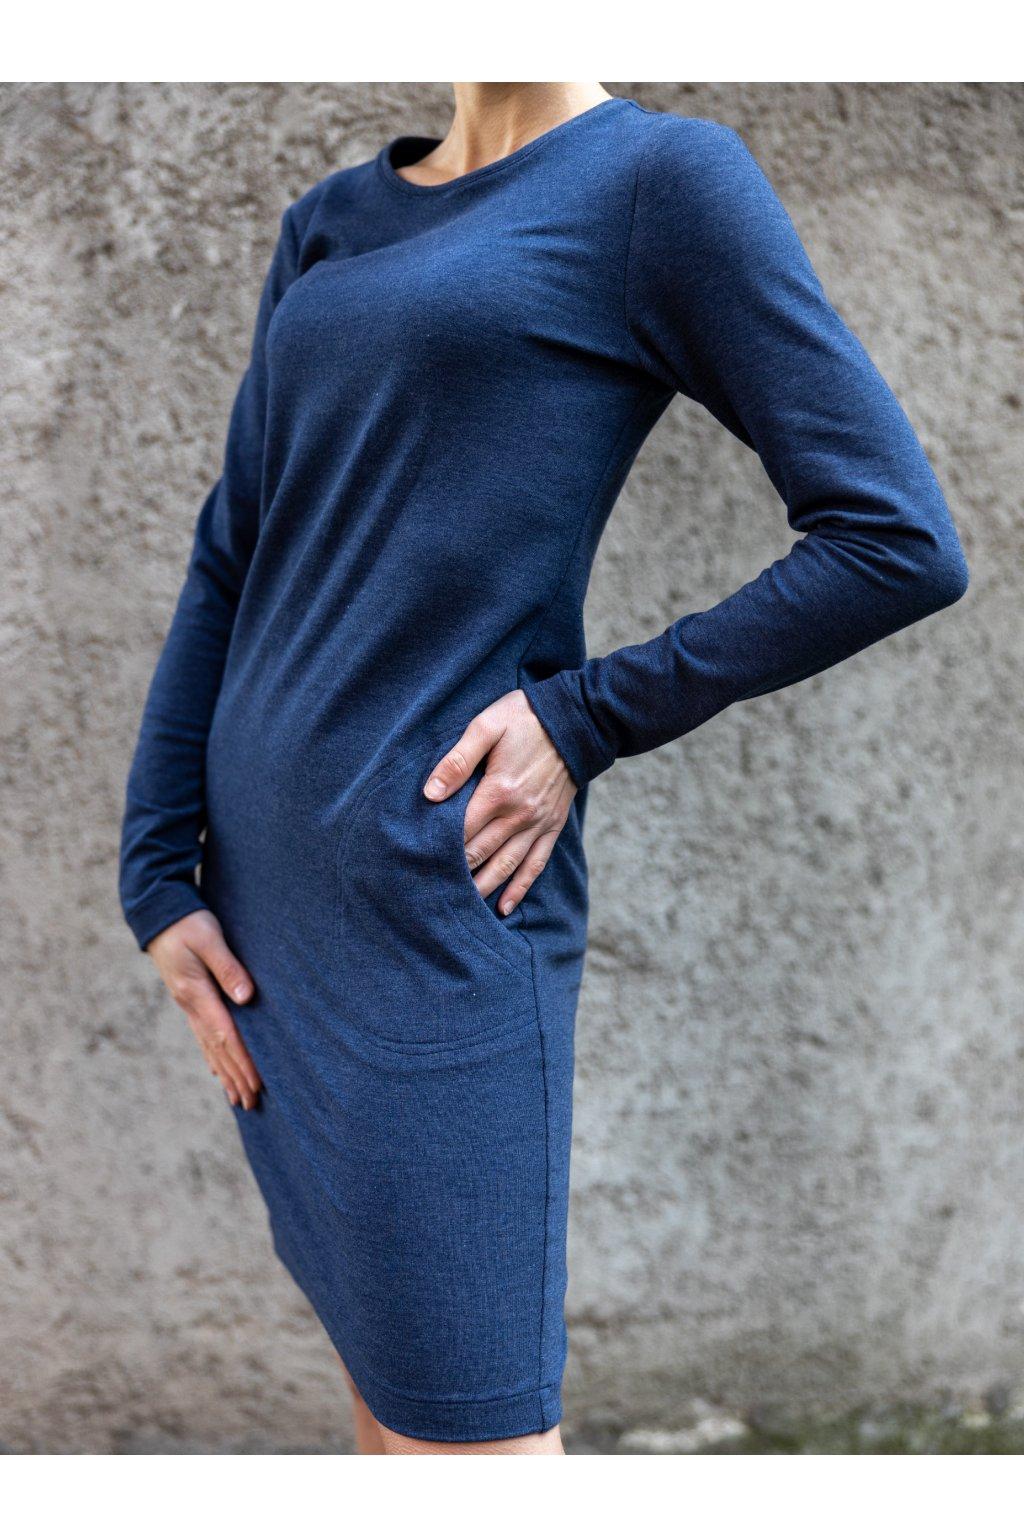 Dámské maxi šaty short jeans 4